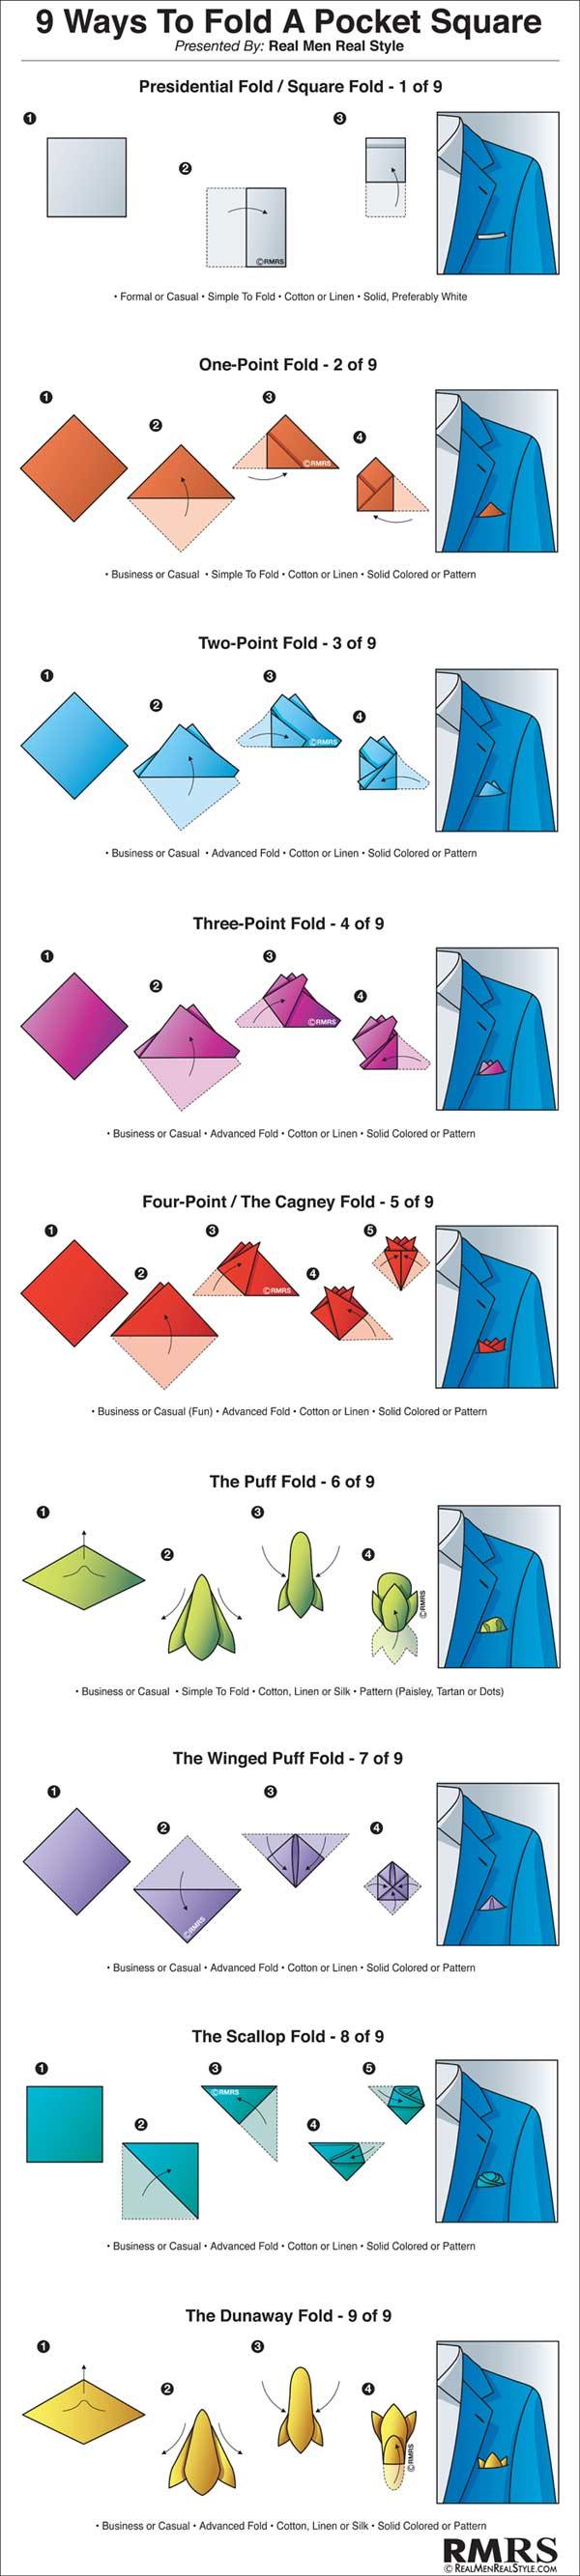 9-ways-to-fold-a-pocket-square-infographic-600_cd8ea69b-5257-46b8-9e83-43179574538e